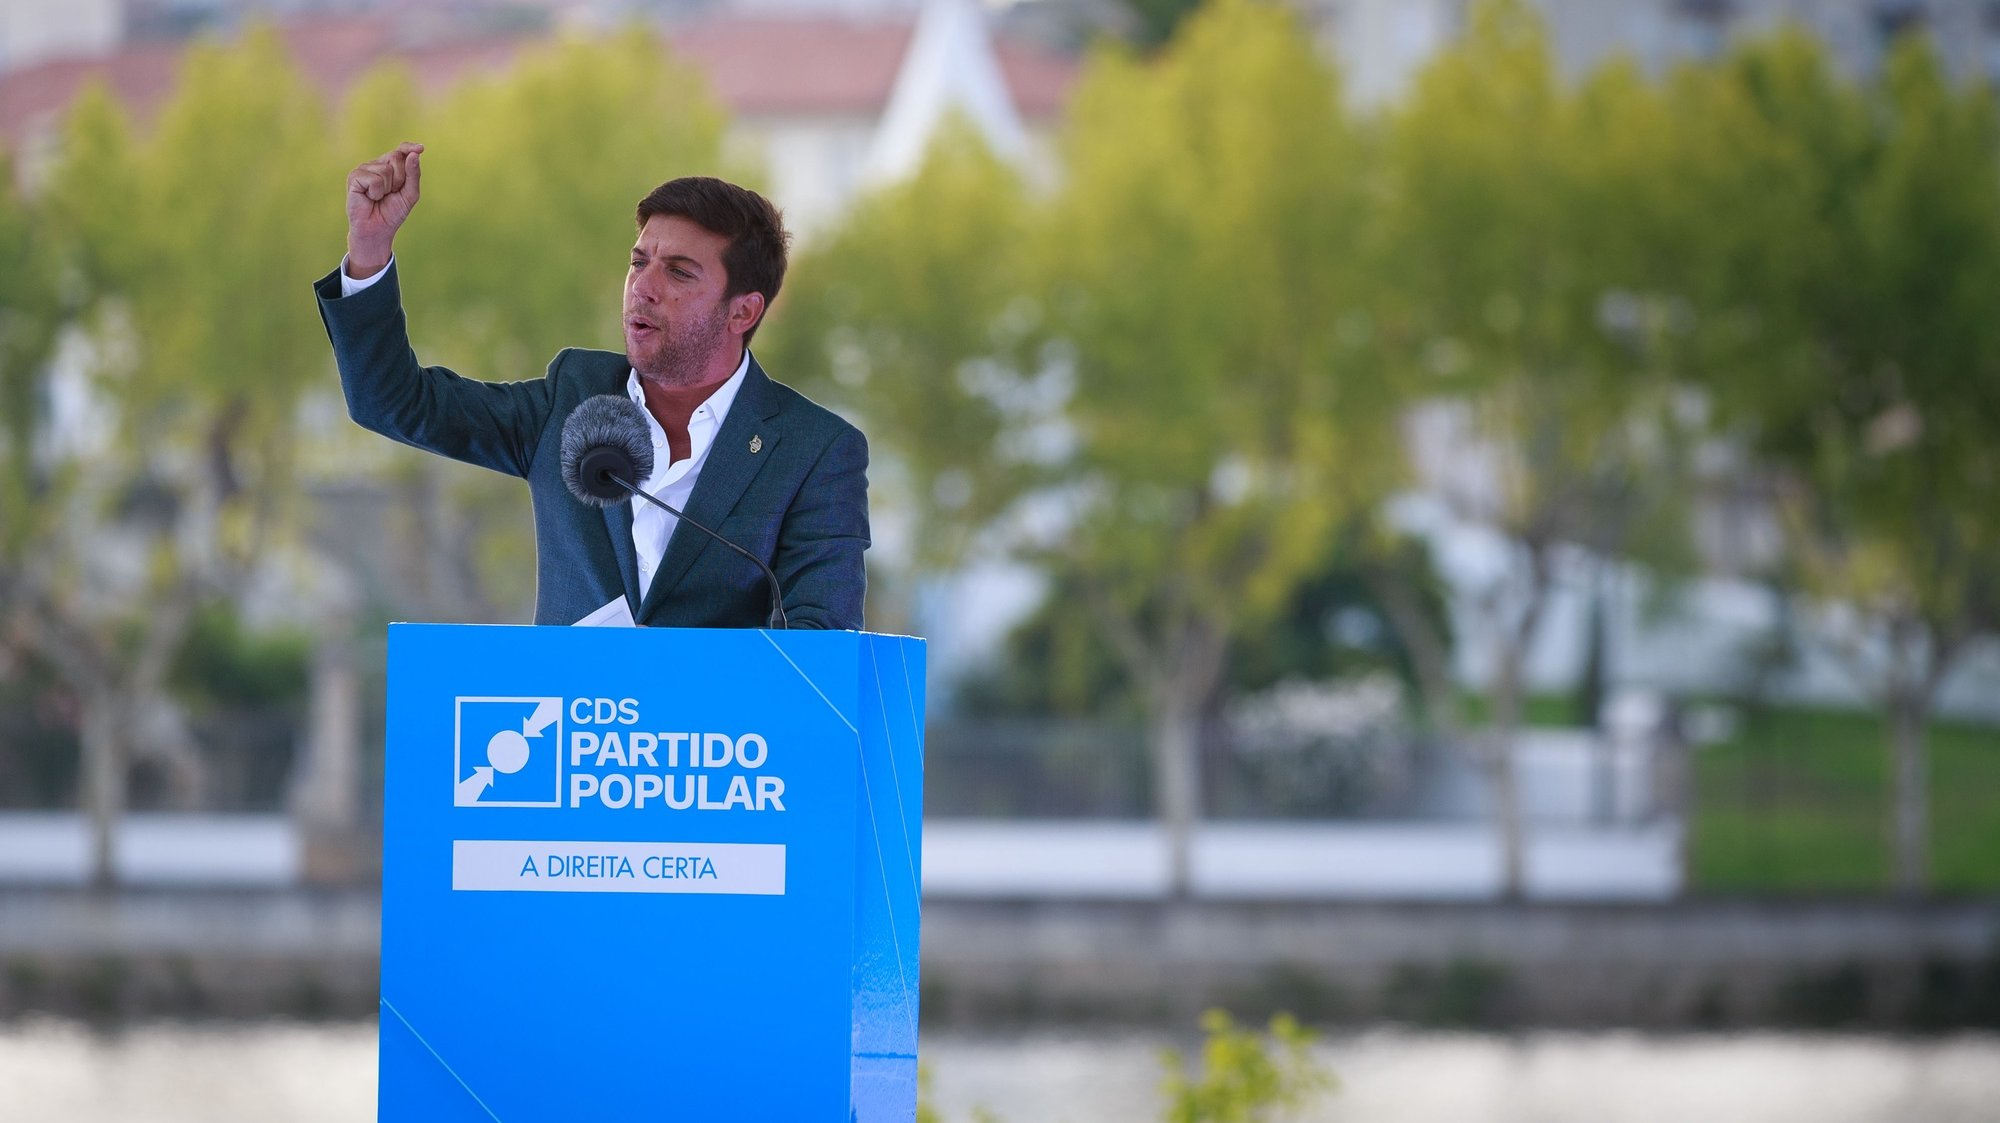 O presidente do CDS-PP, Francisco Rodrigues dos Santos, esteve esta tarde na apresentação da candidatura aut+árquica do partido à Câmara Municipal de Mirandela, 28 de agosto de 2021. PEDRO SARMENTO COSTA/LUSA